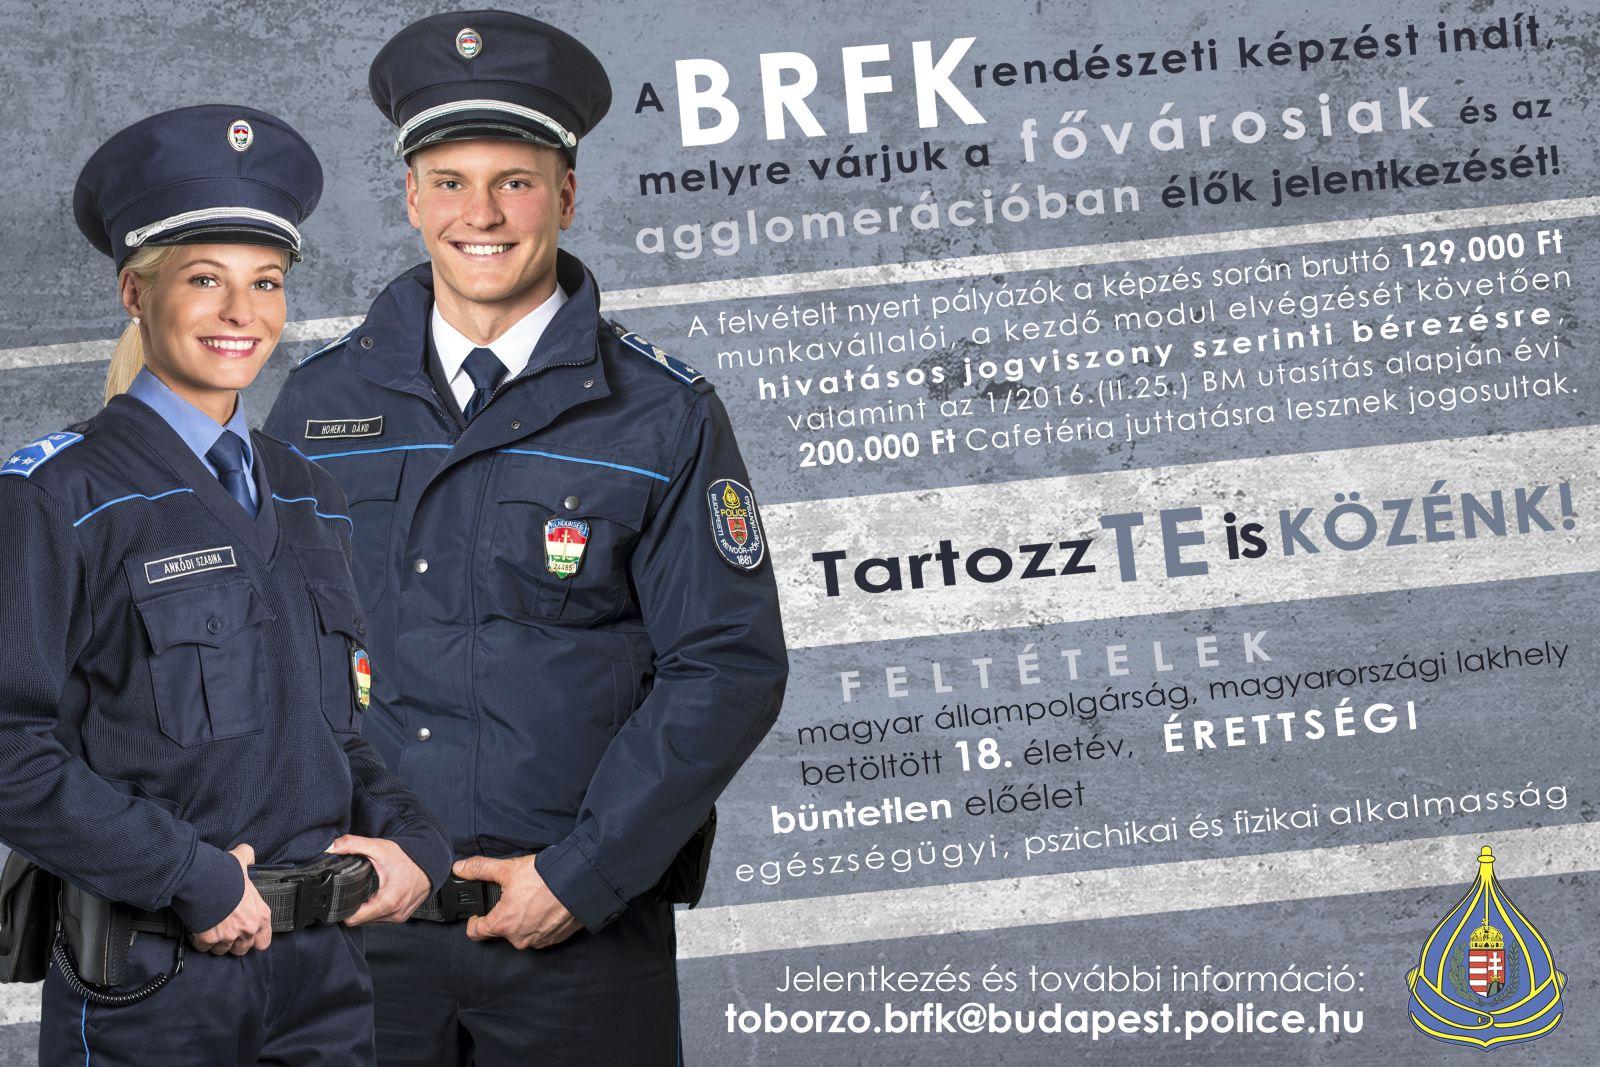 Monorról is várja pályakezdő fiatalok jelentkezését a Budapesti Rendőr-főkapitányság